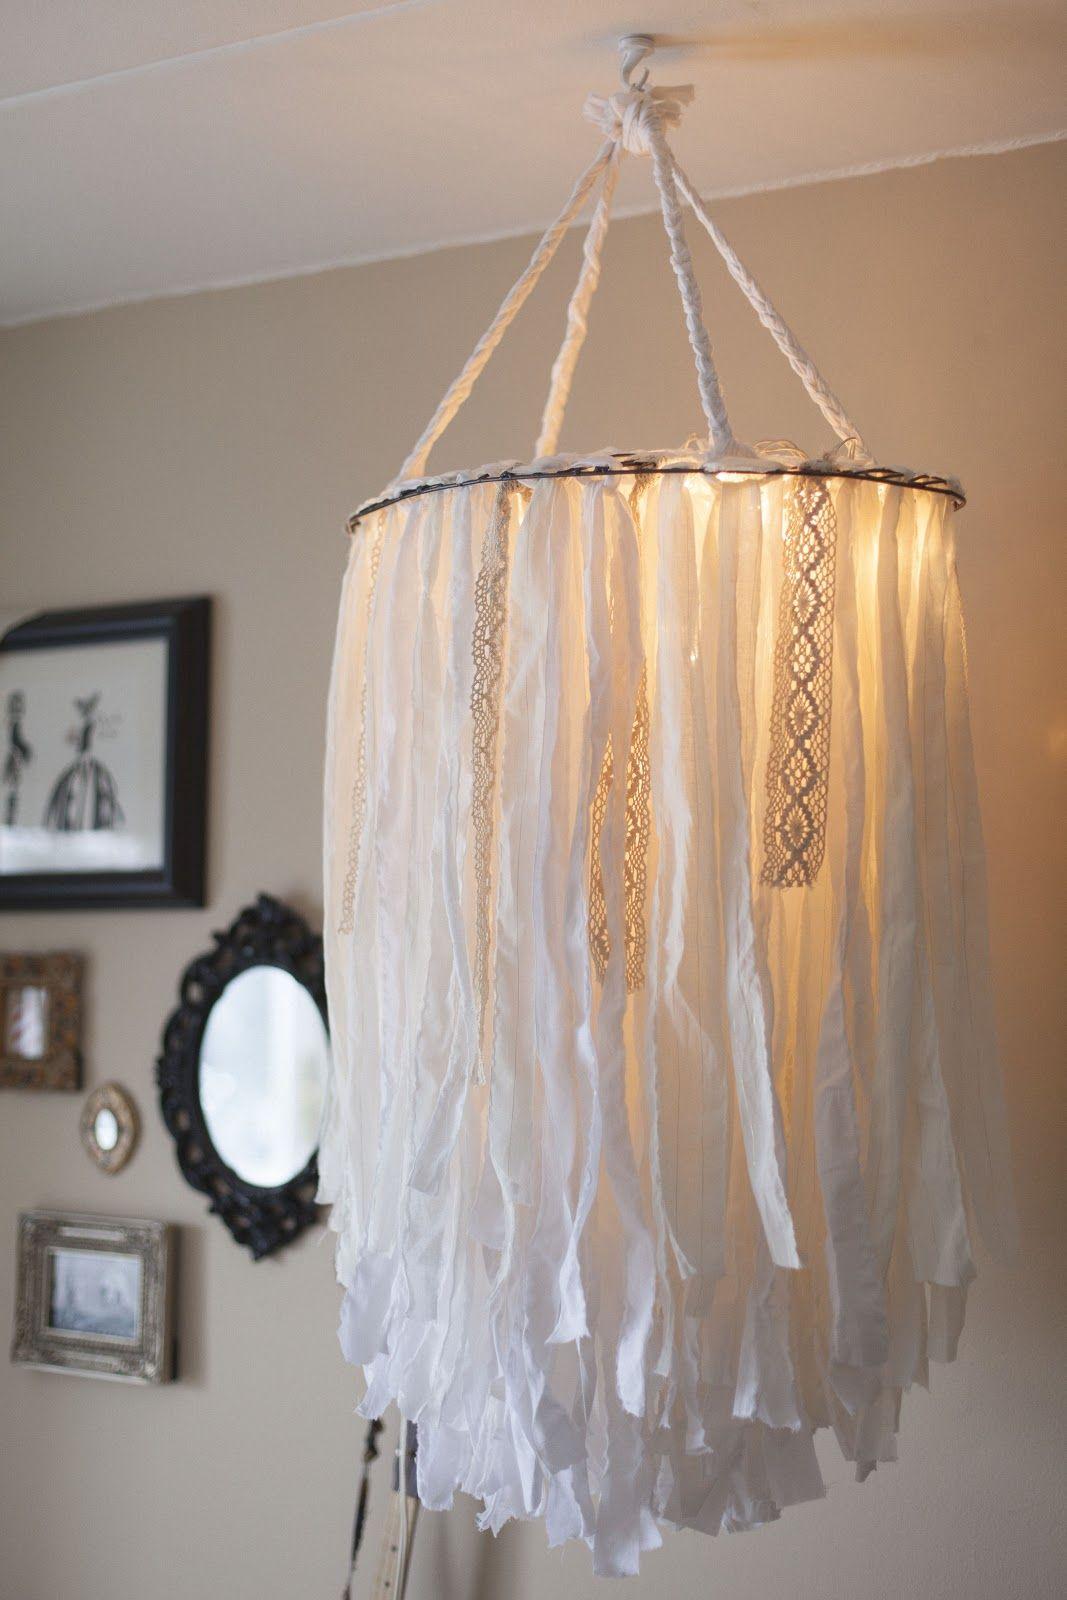 Diy cloth chandelier wearebeholdenspot diy pinterest diy cloth chandelier wearebeholdenspot aloadofball Images